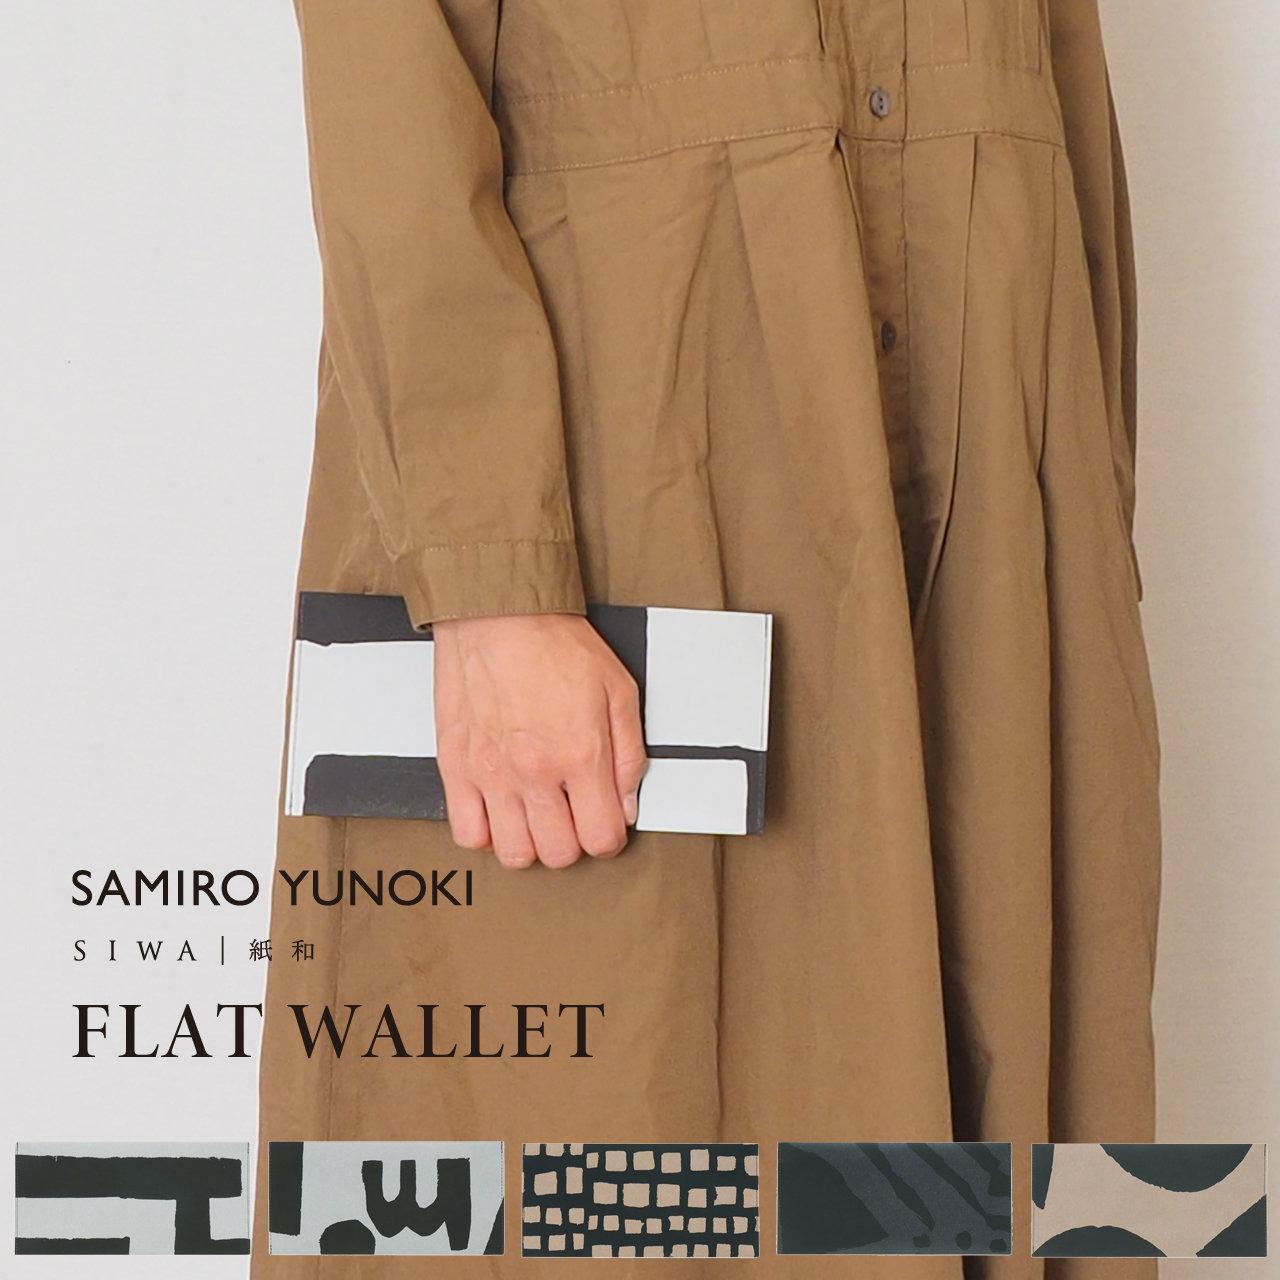 柚木沙弥郎 SAMIRO YUNOKI フラット ウォレット